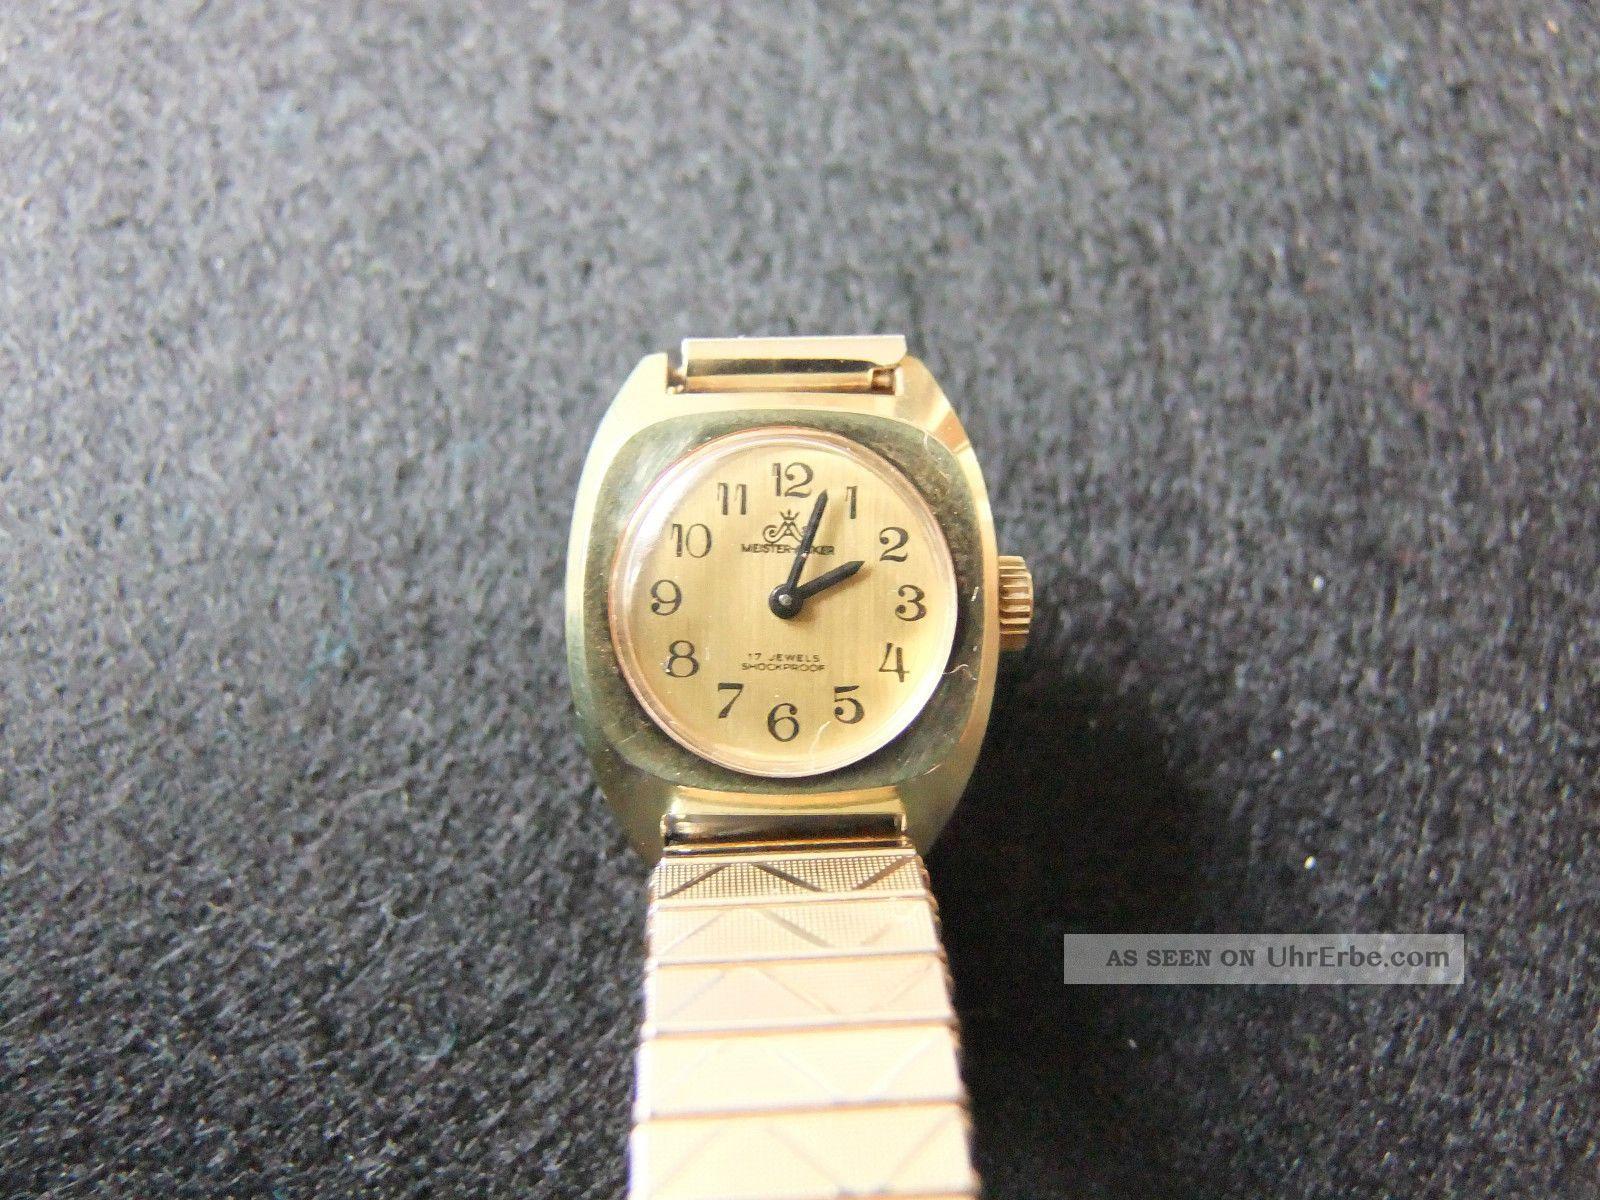 Meister - Anker Damenuhr Glashütte Werk Vintage Armbanduhren Bild